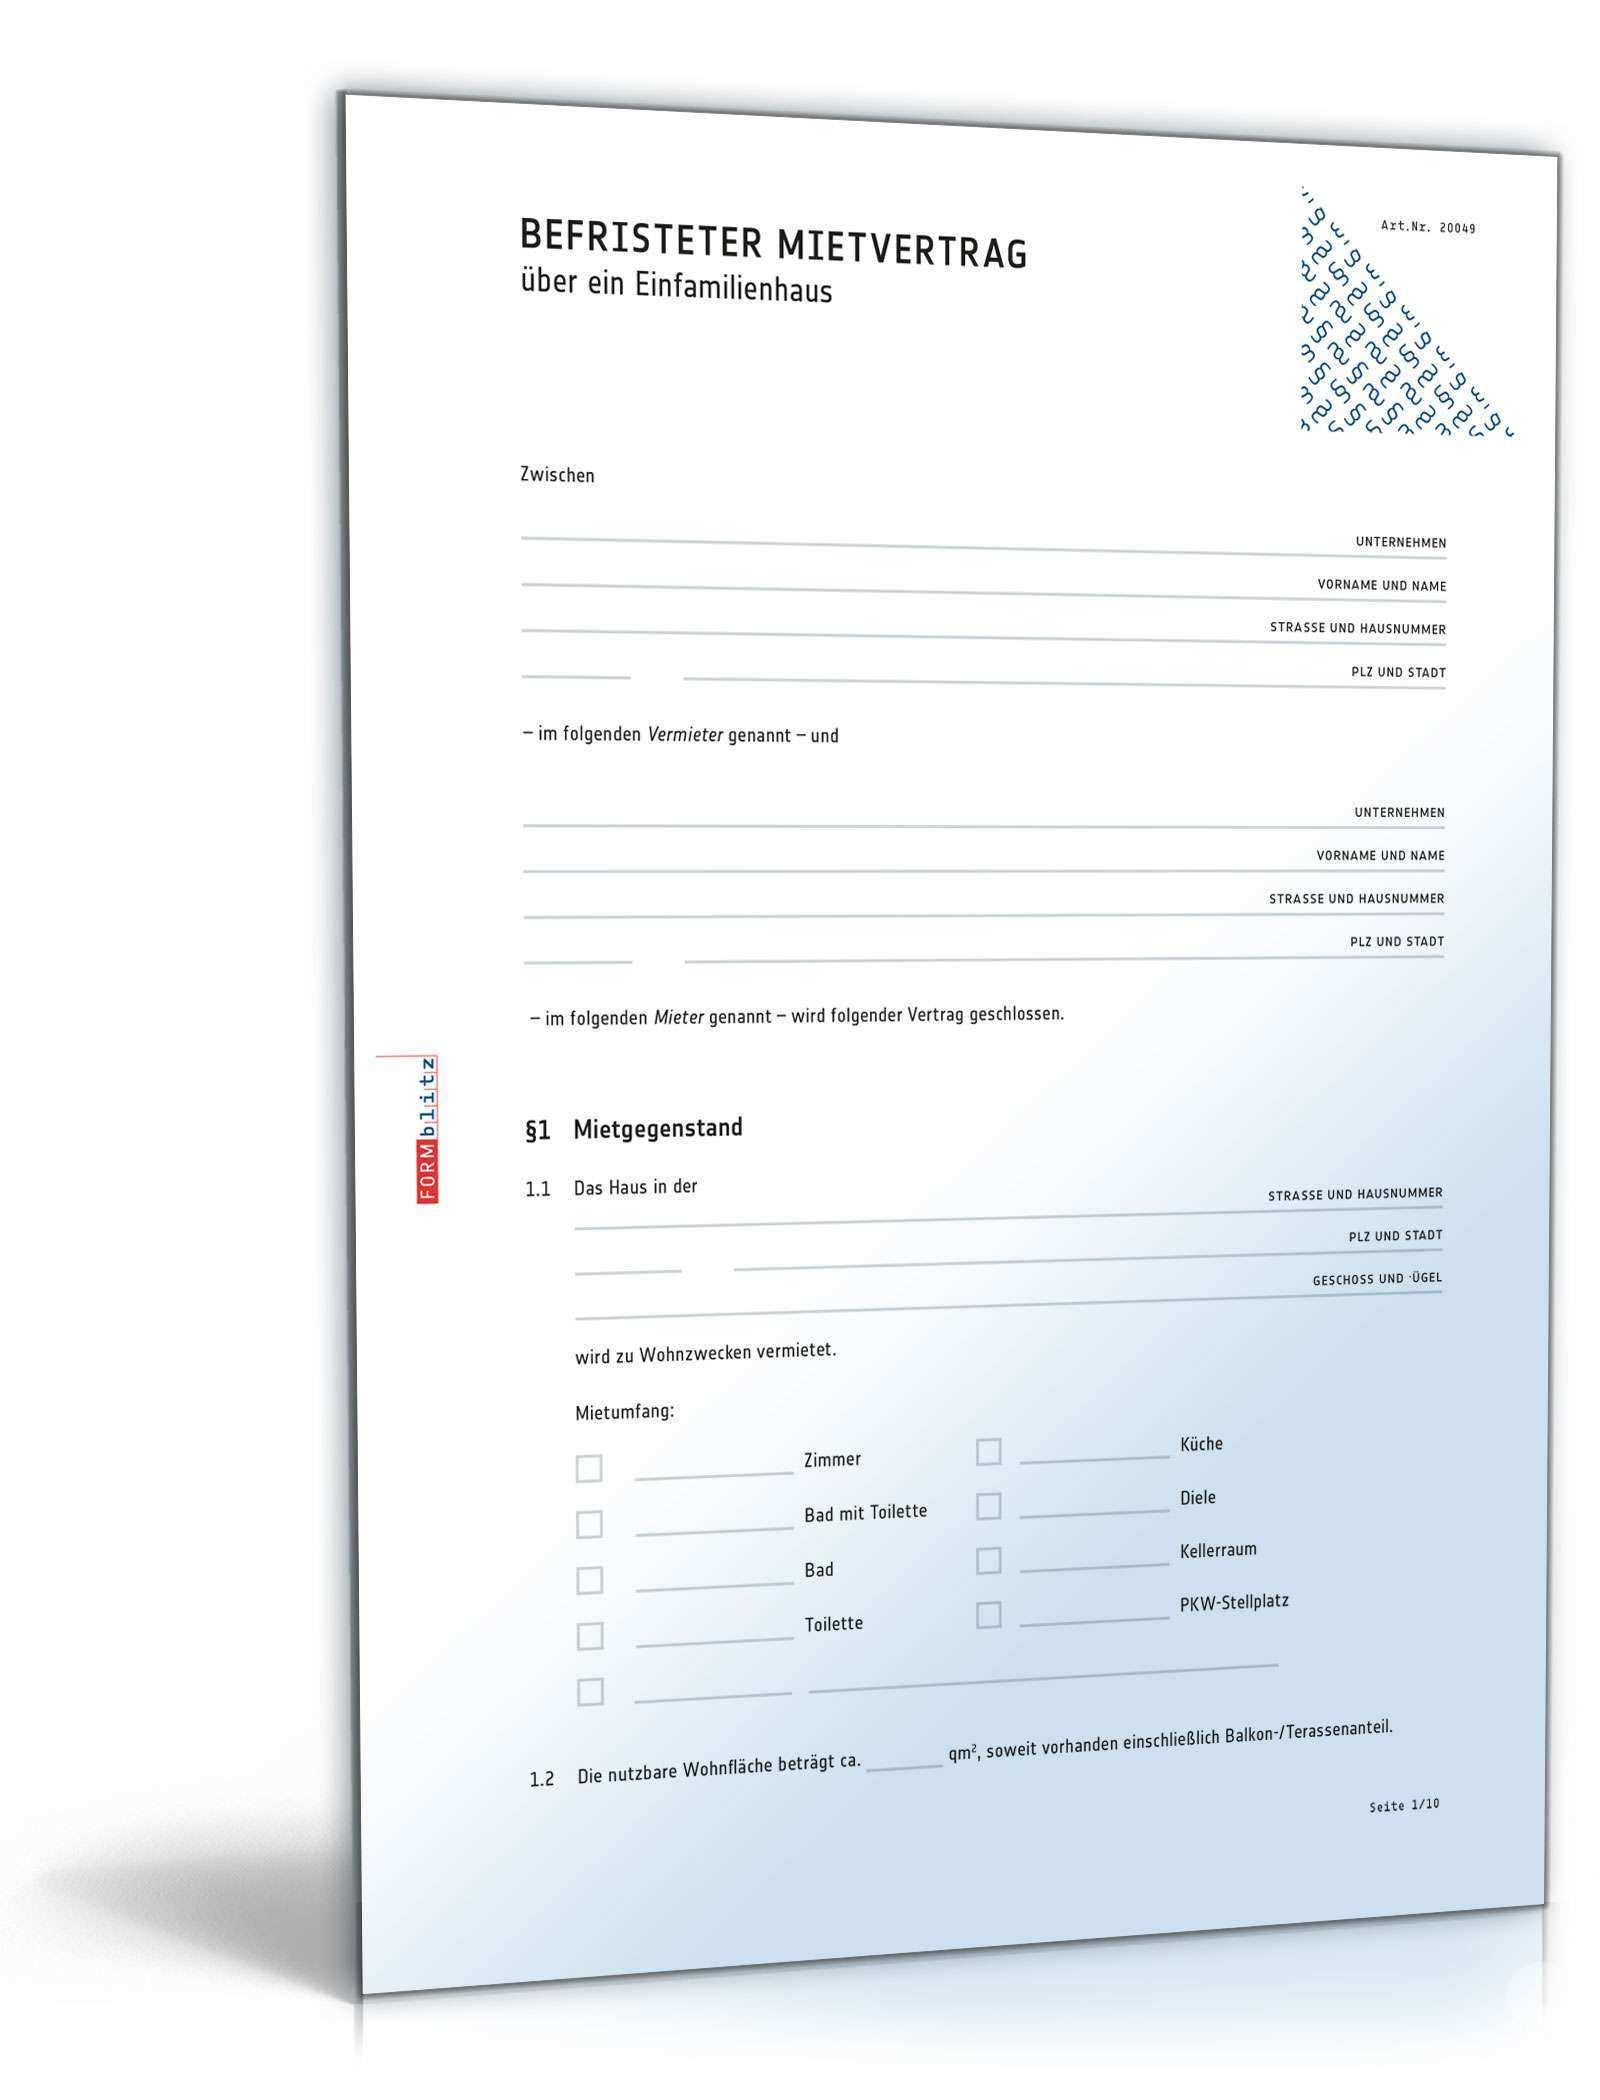 Befristeter Mietvertrag Einfamilienhaus Muster Zum Download